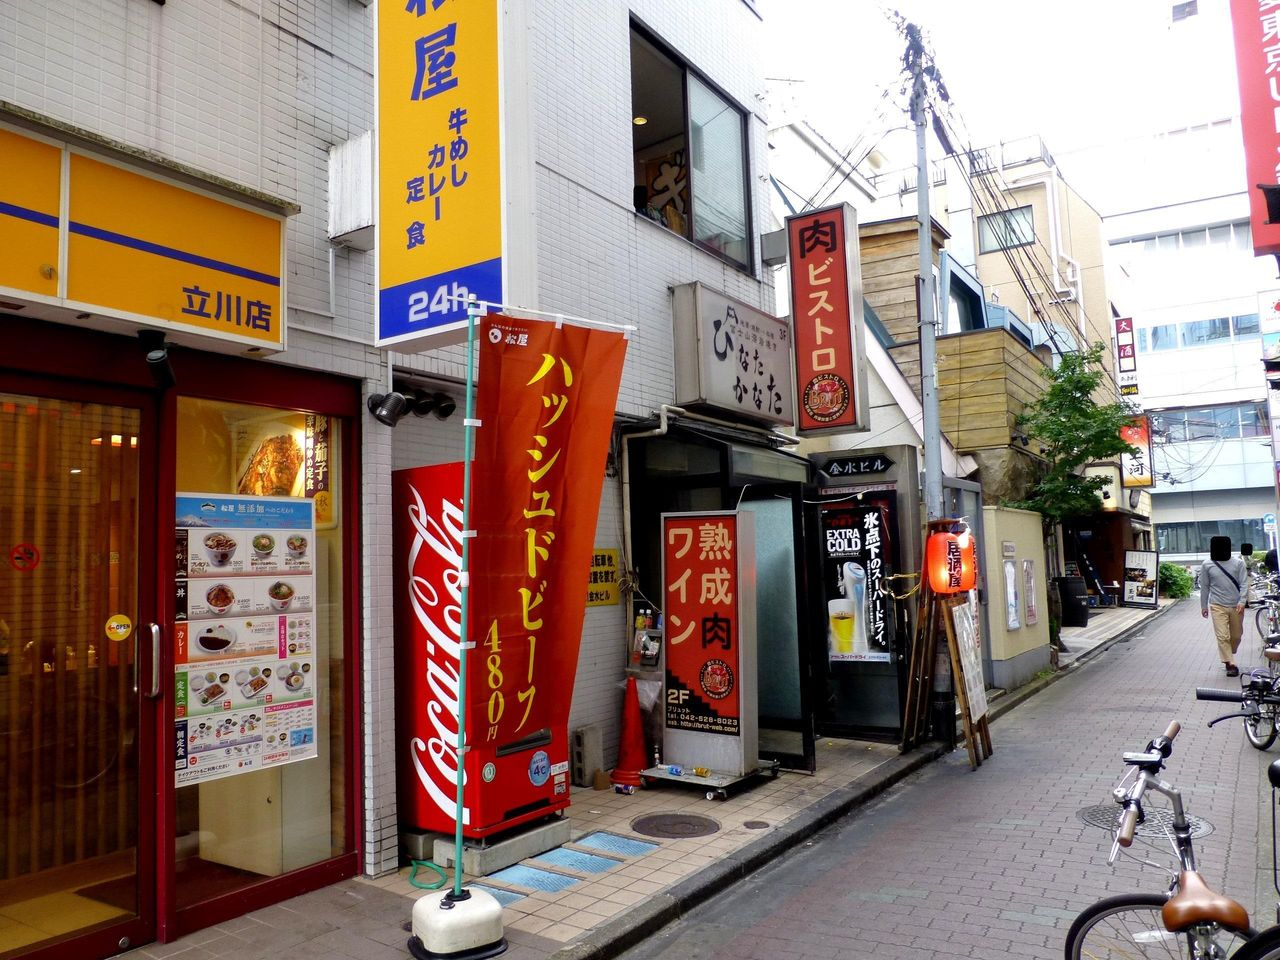 「ひなたかなた」は、立川駅前に飲食ビルの3階にあります!